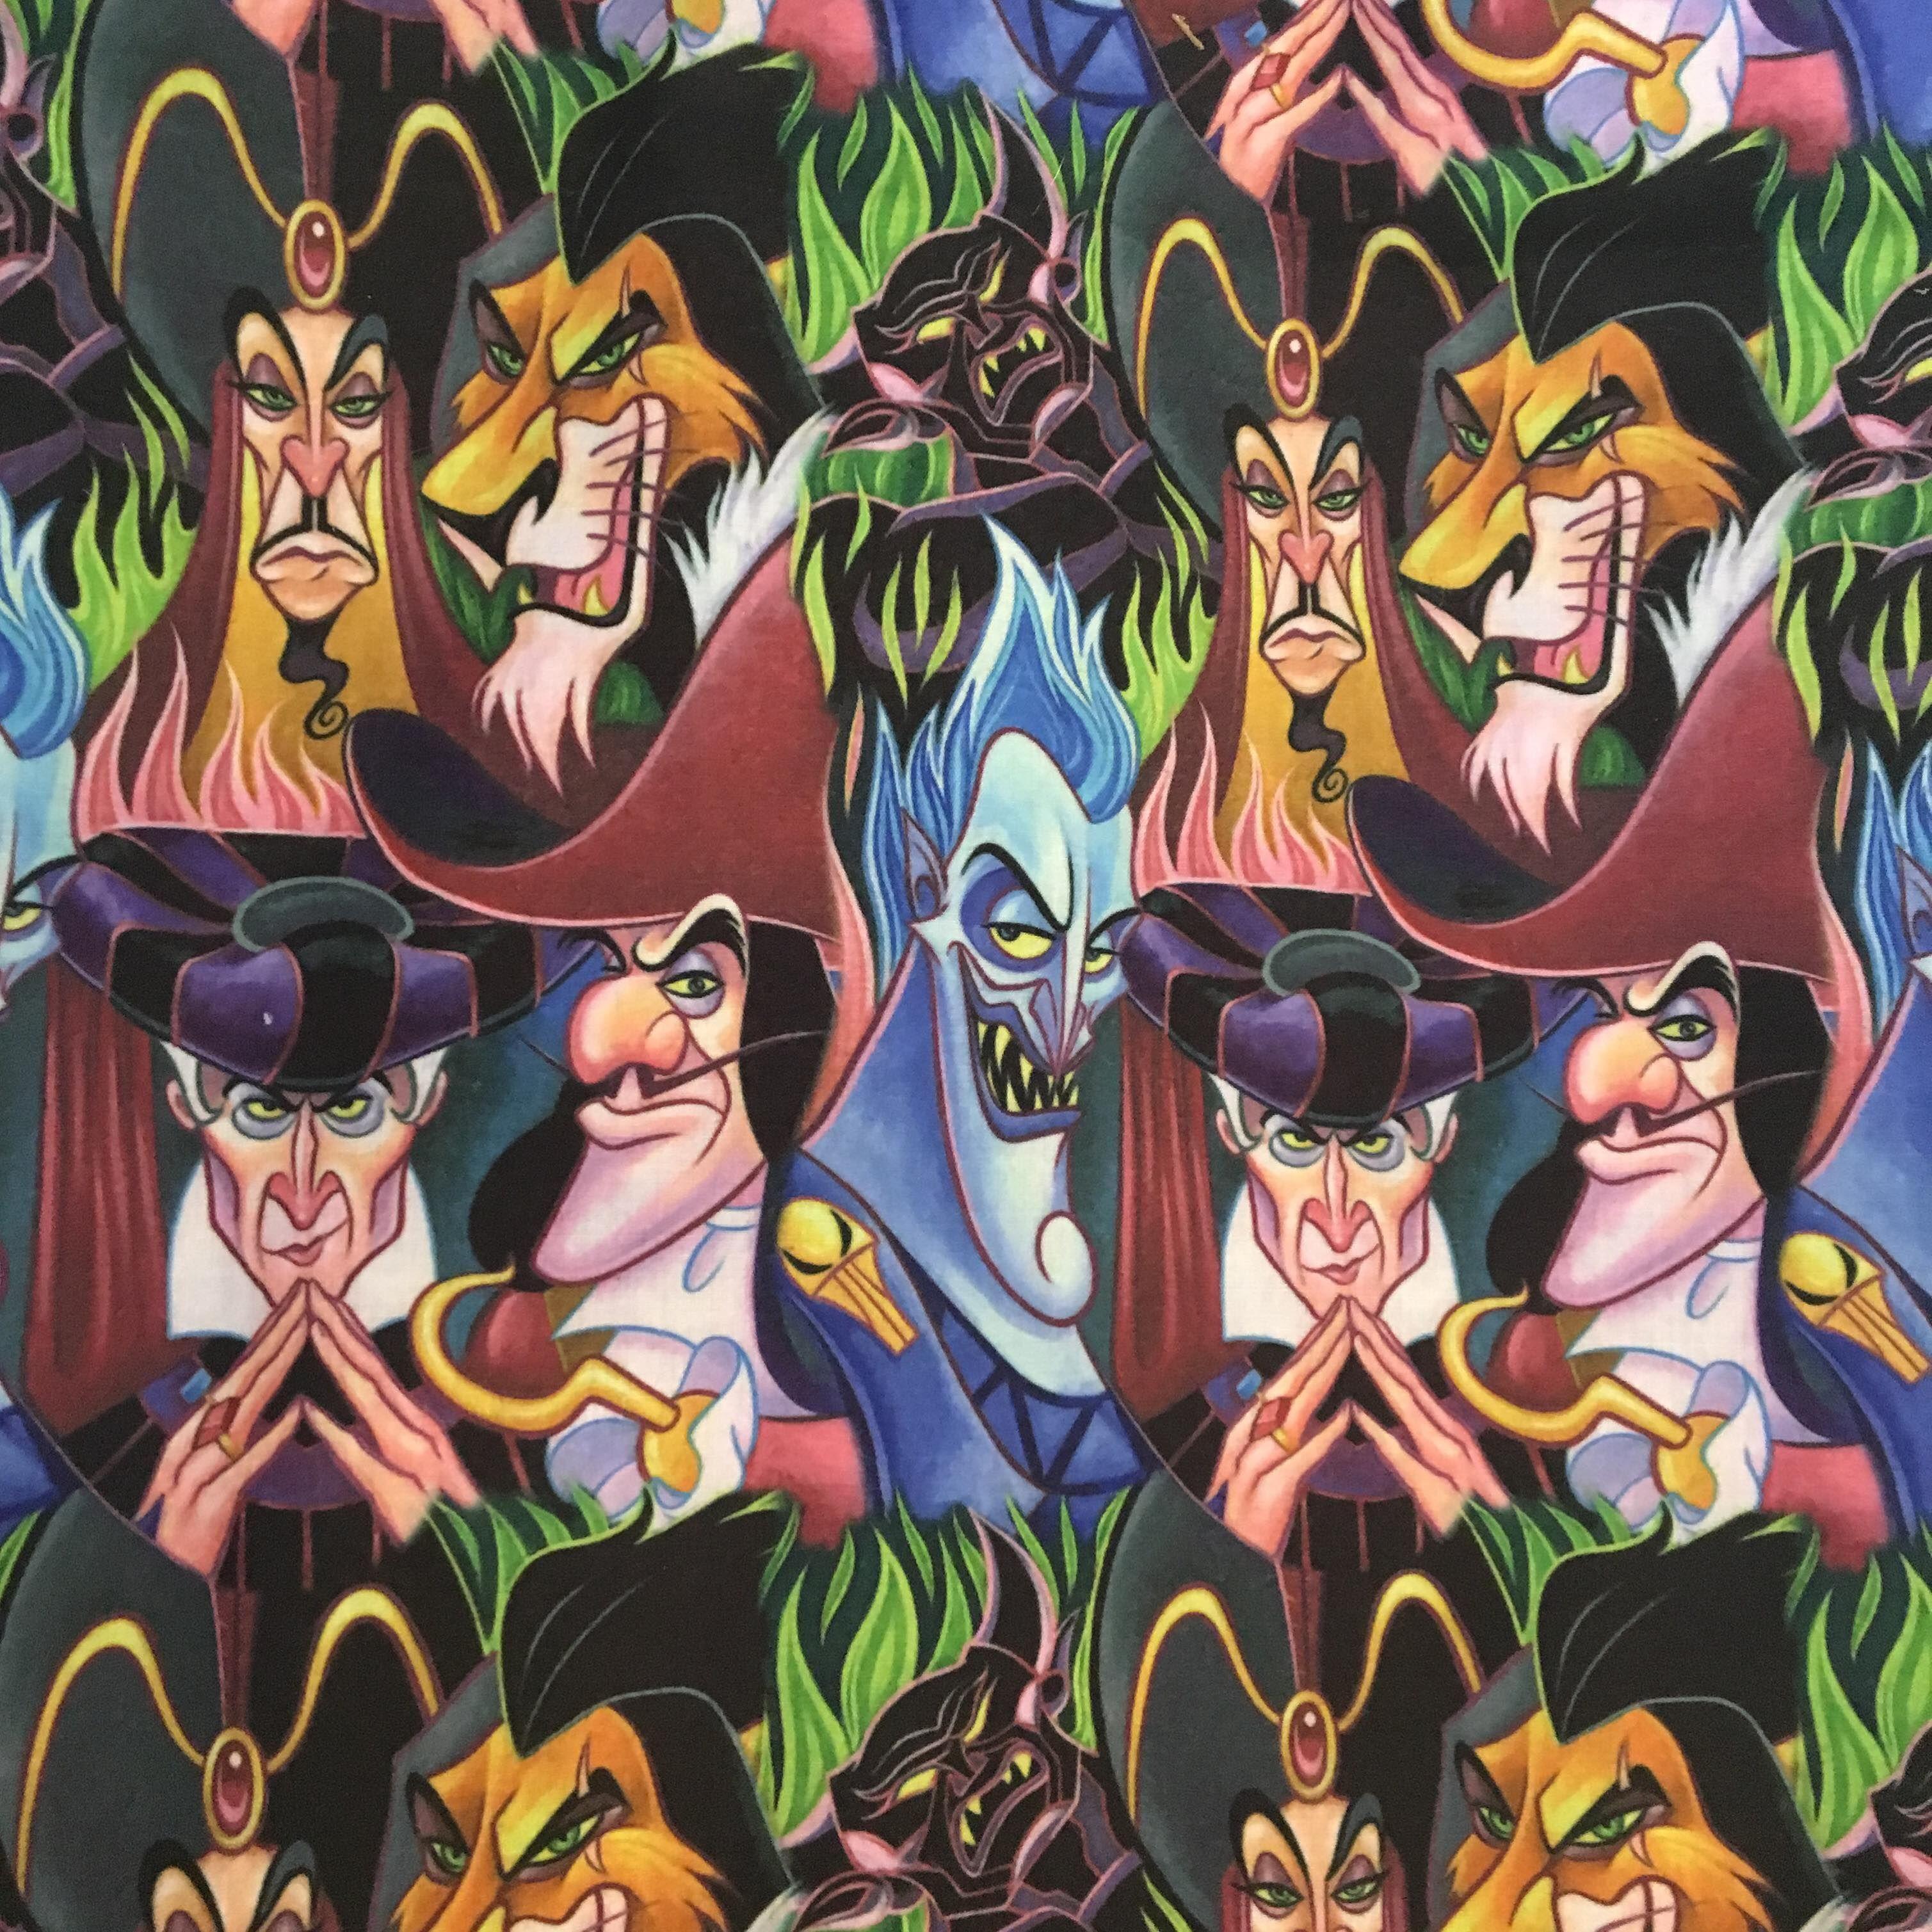 Disney Villain Wallpaper Fabric Disney Villains Cute 3018x3018 Download Hd Wallpaper Wallpapertip